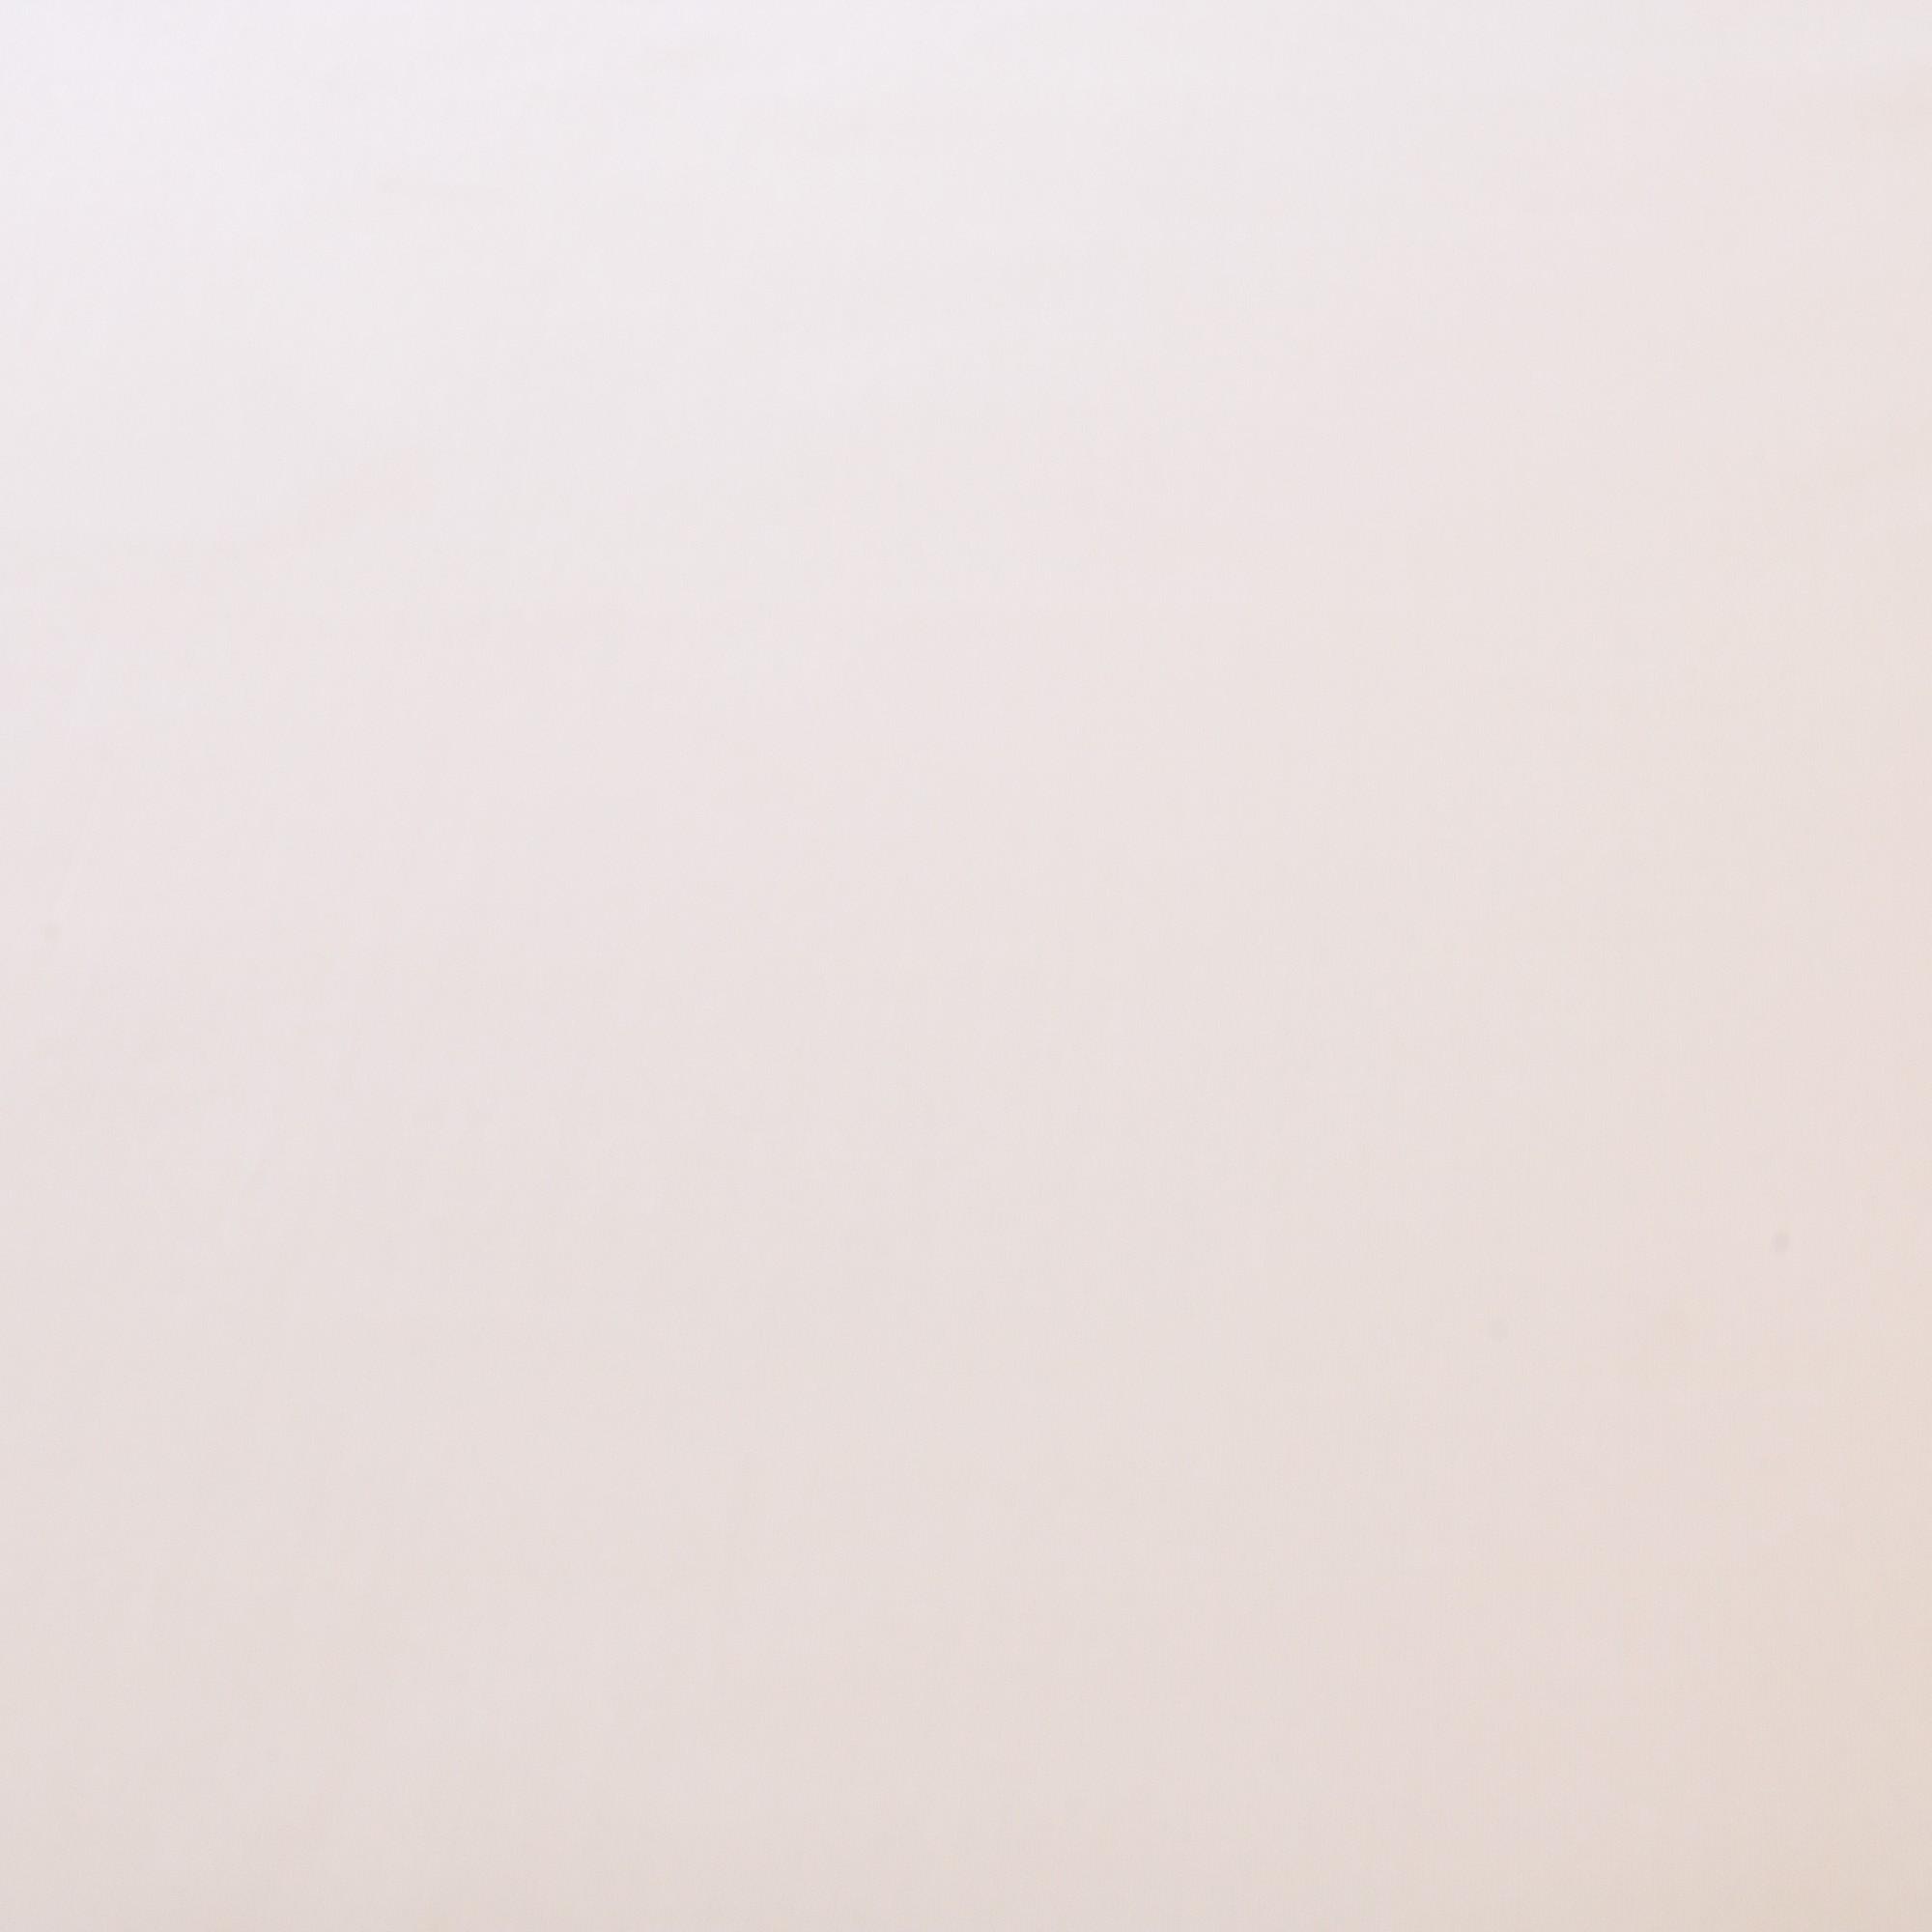 Tecido tricoline 1,40 m largura